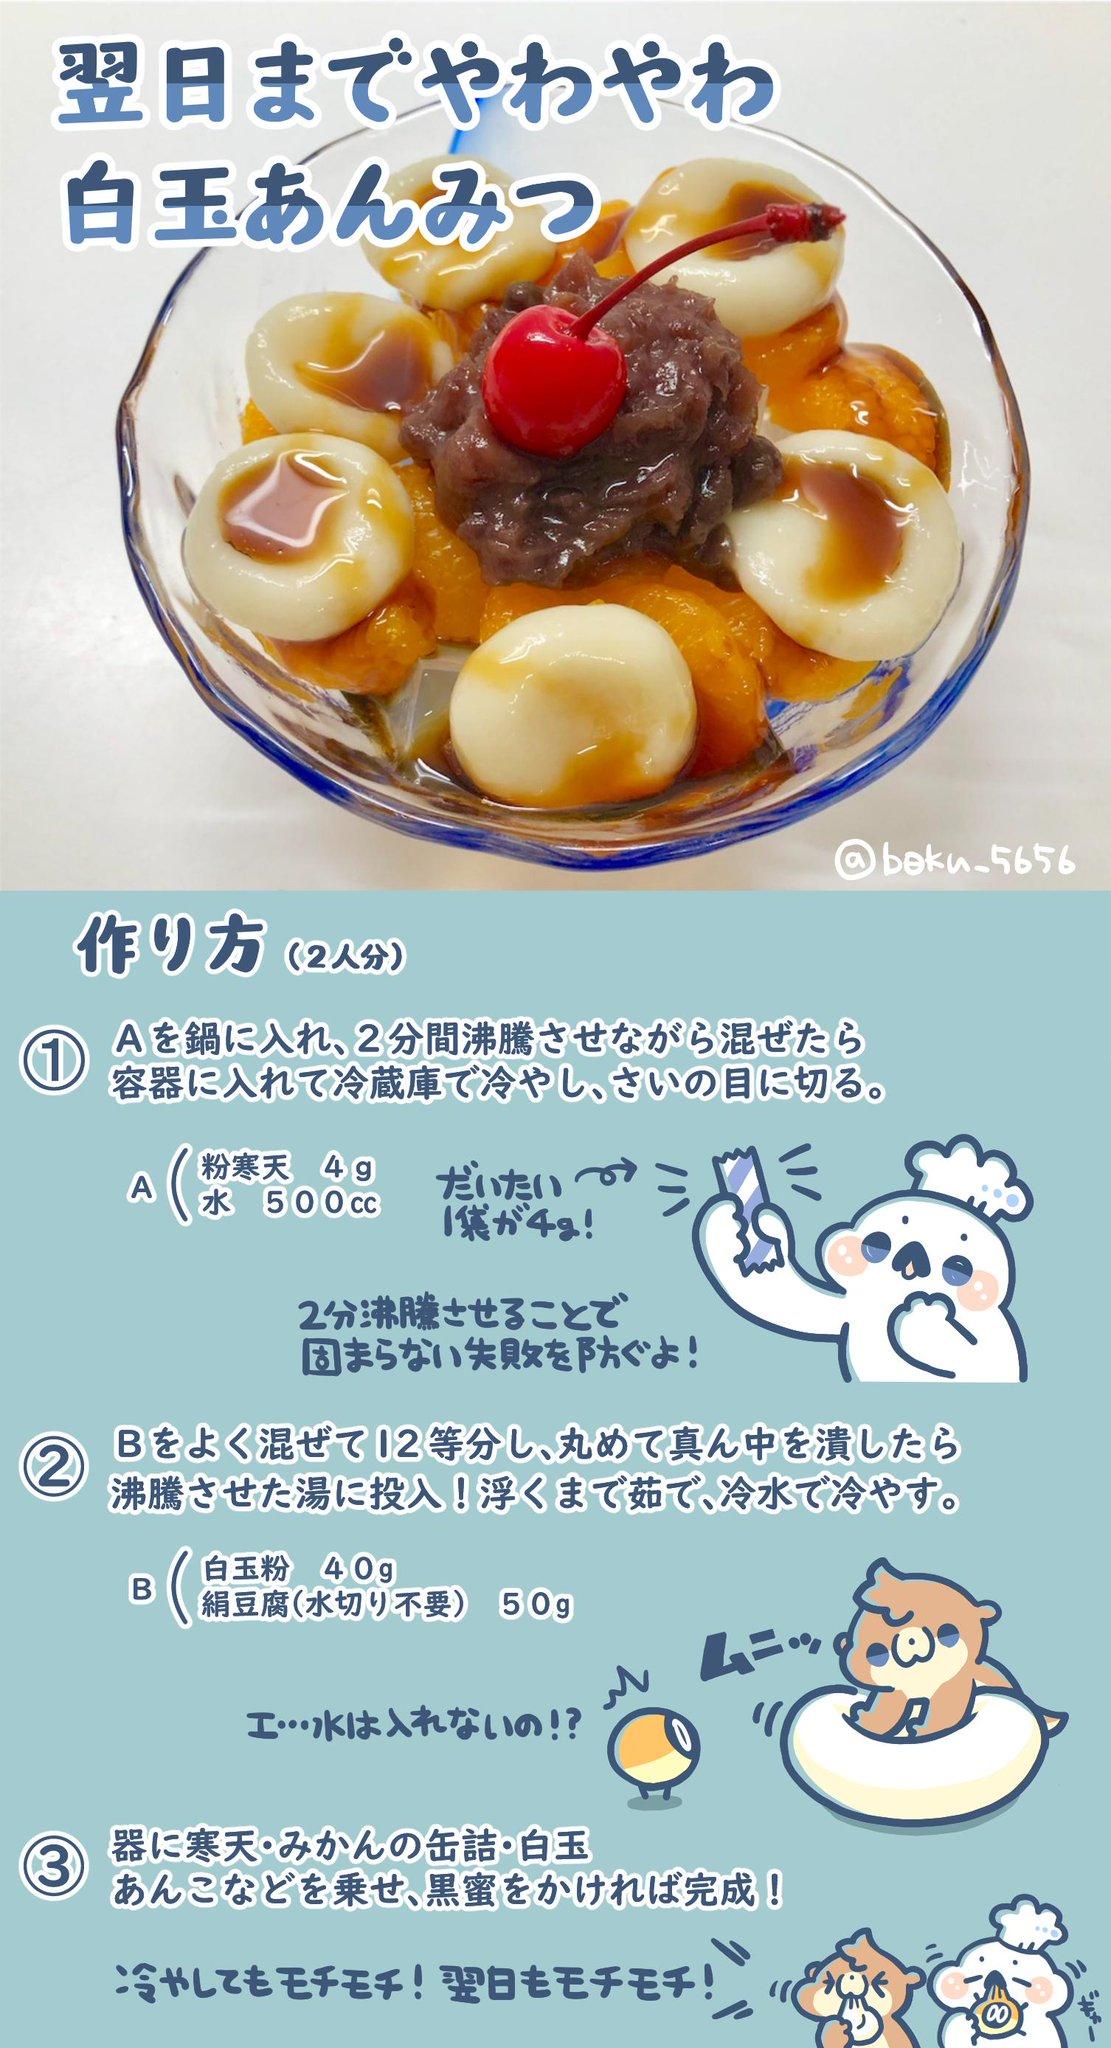 なんと!豆腐と白玉粉だけで、翌日までやわモチ~~~な白玉だんごができちゃいます!✨ あんみつにしてもよし!✌ みたらし団子にしてもよし!✌